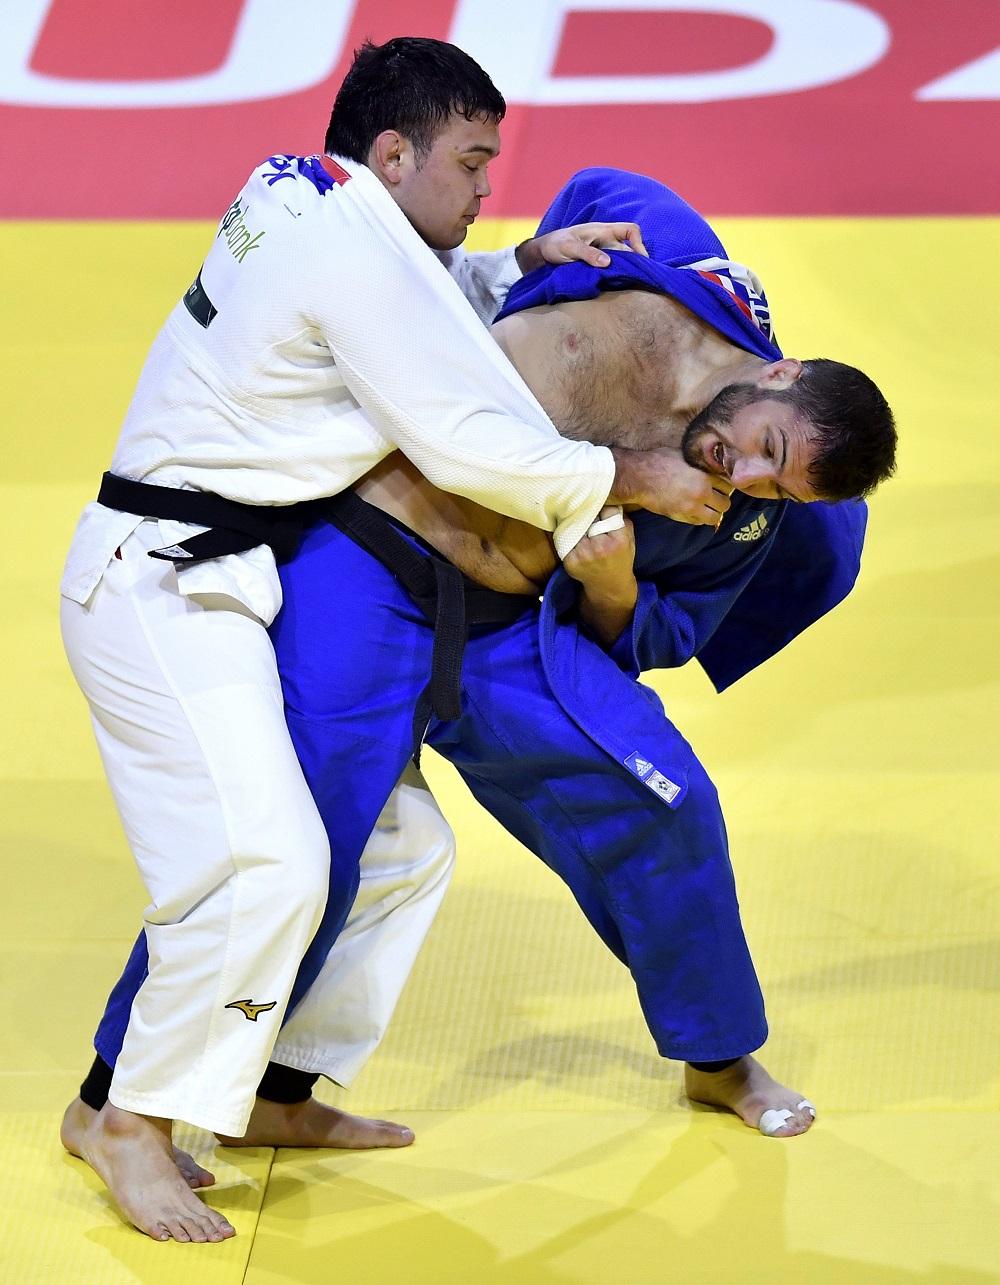 ハンガリーのブダペストで行われた2017年世界柔道選手権大会では、決勝でヴァルラーム・リパルテリアニ(ジョージア)を破り、金メダルを獲得した (© AP Images)